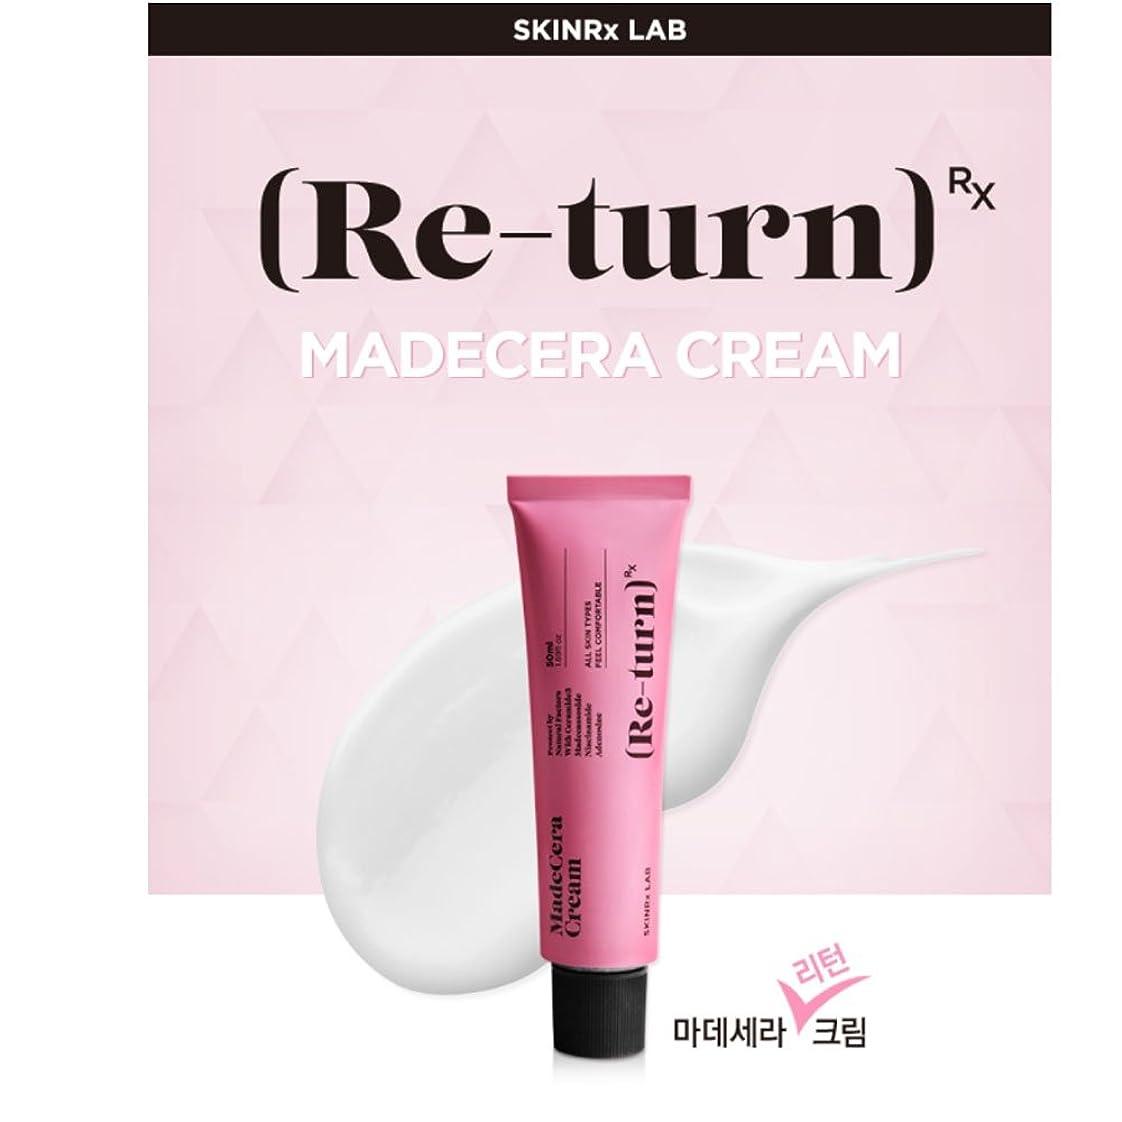 商業の戦術ブラインドスキンアルエクスラップ マデセラ リターン クリーム 50ml / SKINRxLAB MadeCera Re-turn Cream 50ml (1.69oz)